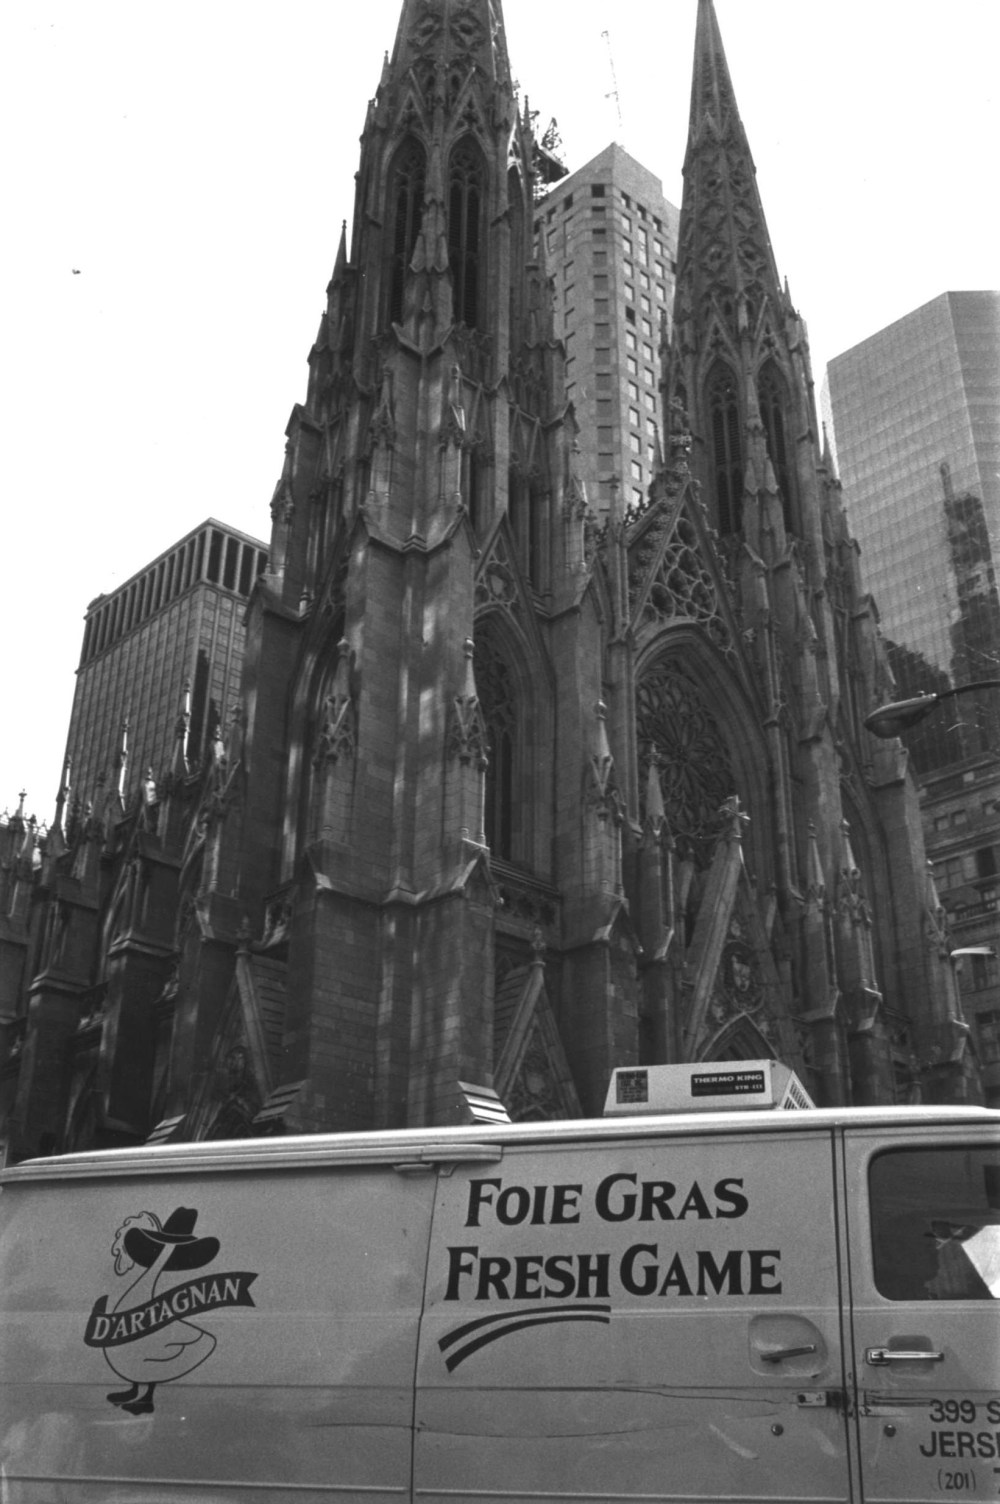 D'Artagnan van at St Patrick's Cathedral NYC late 1980s